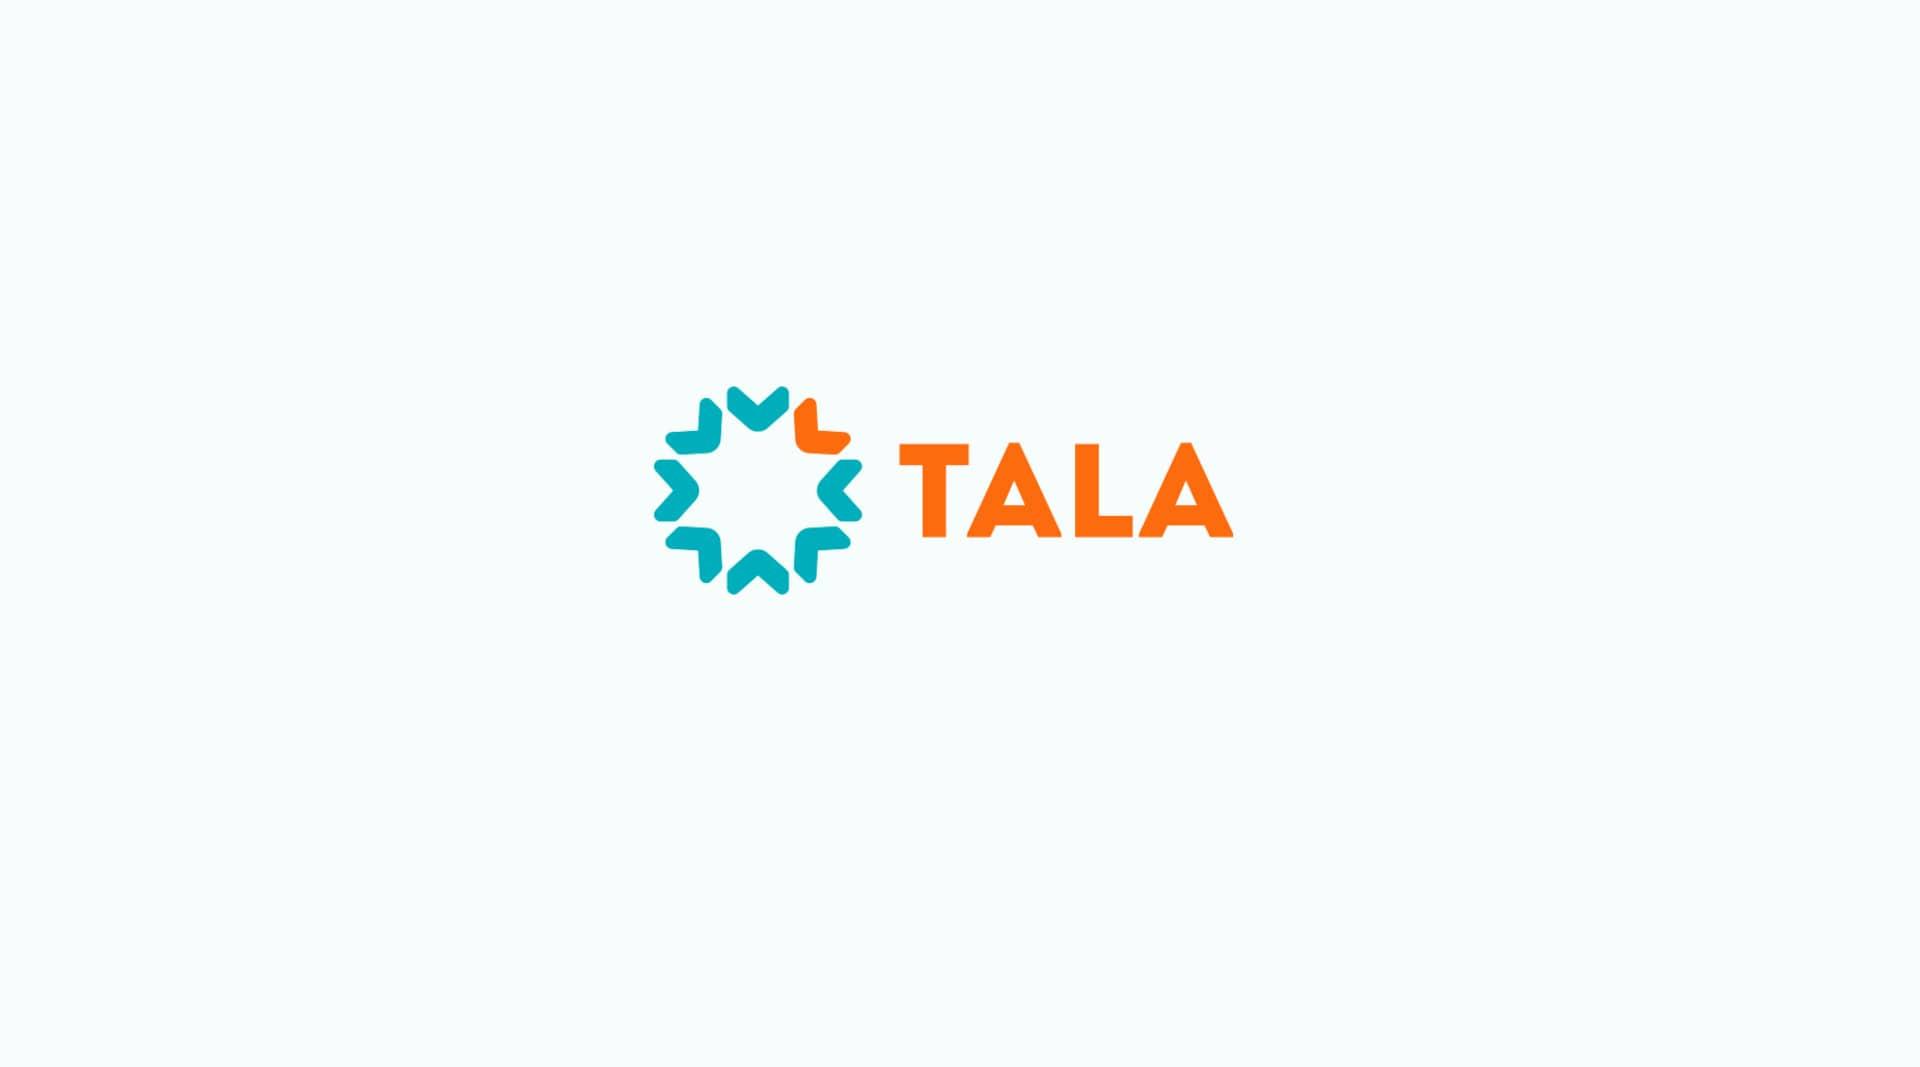 Tala App Kenya